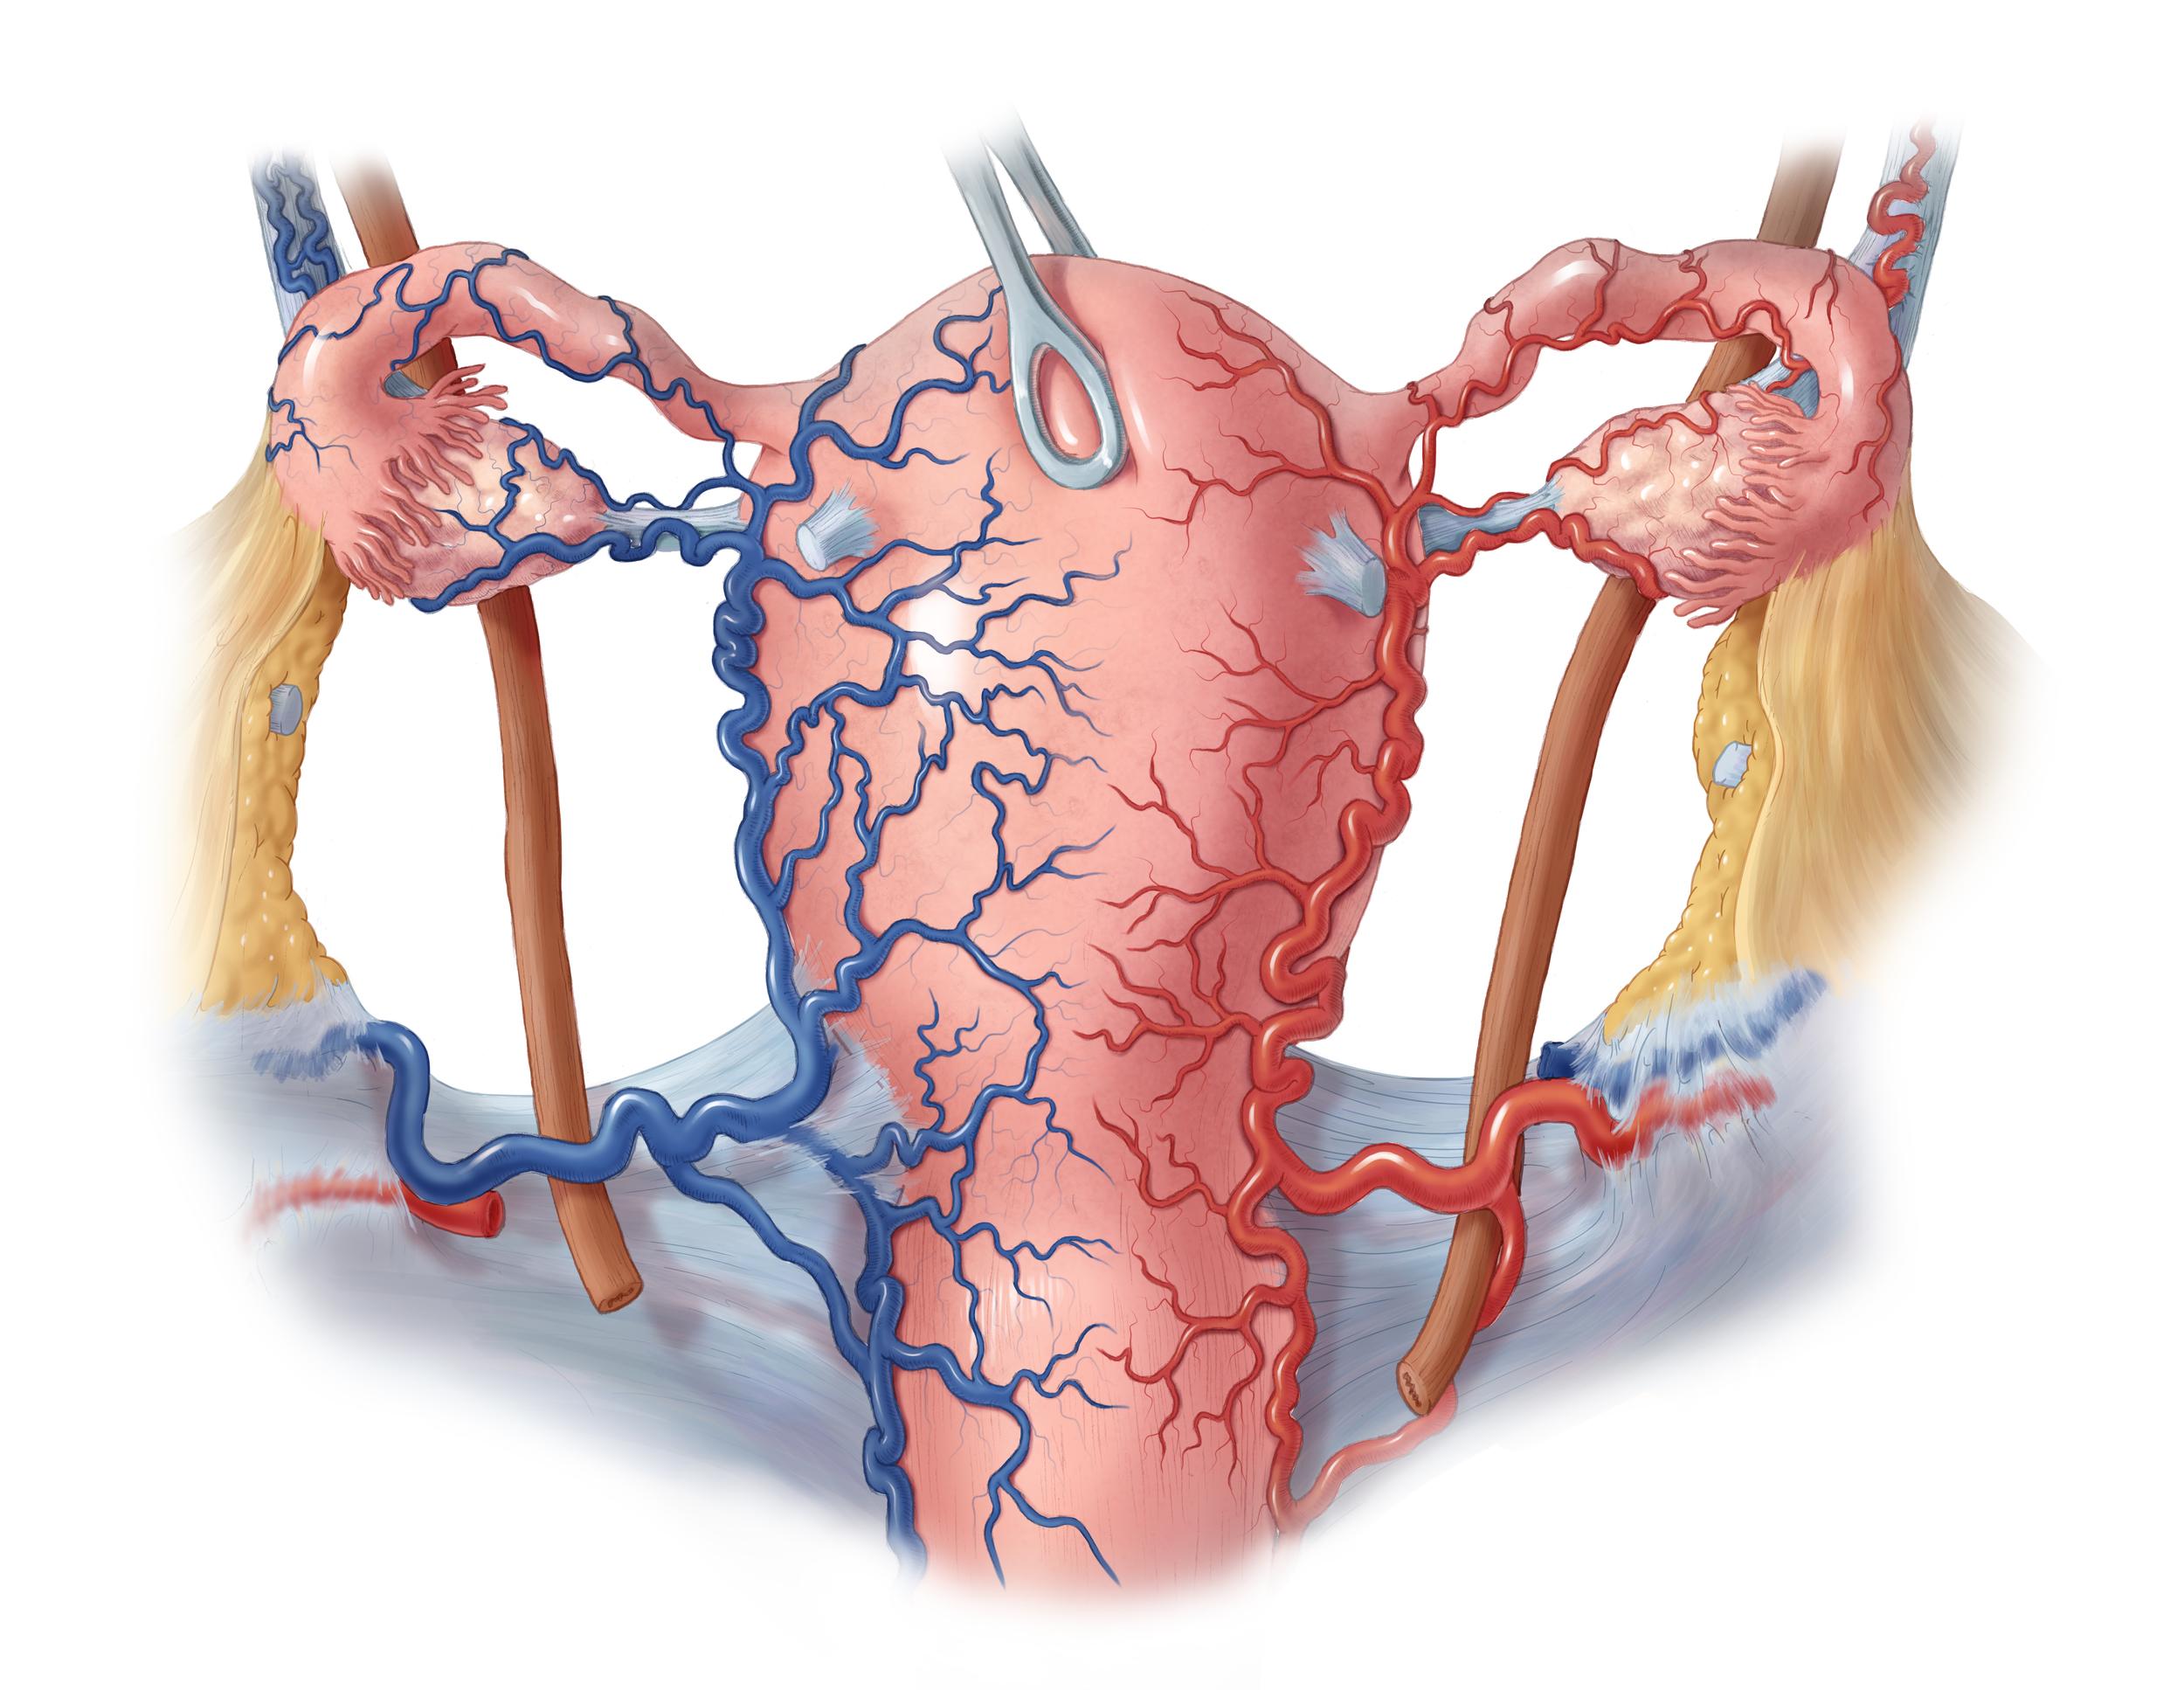 Vasculature of the Uterus and Adnexa